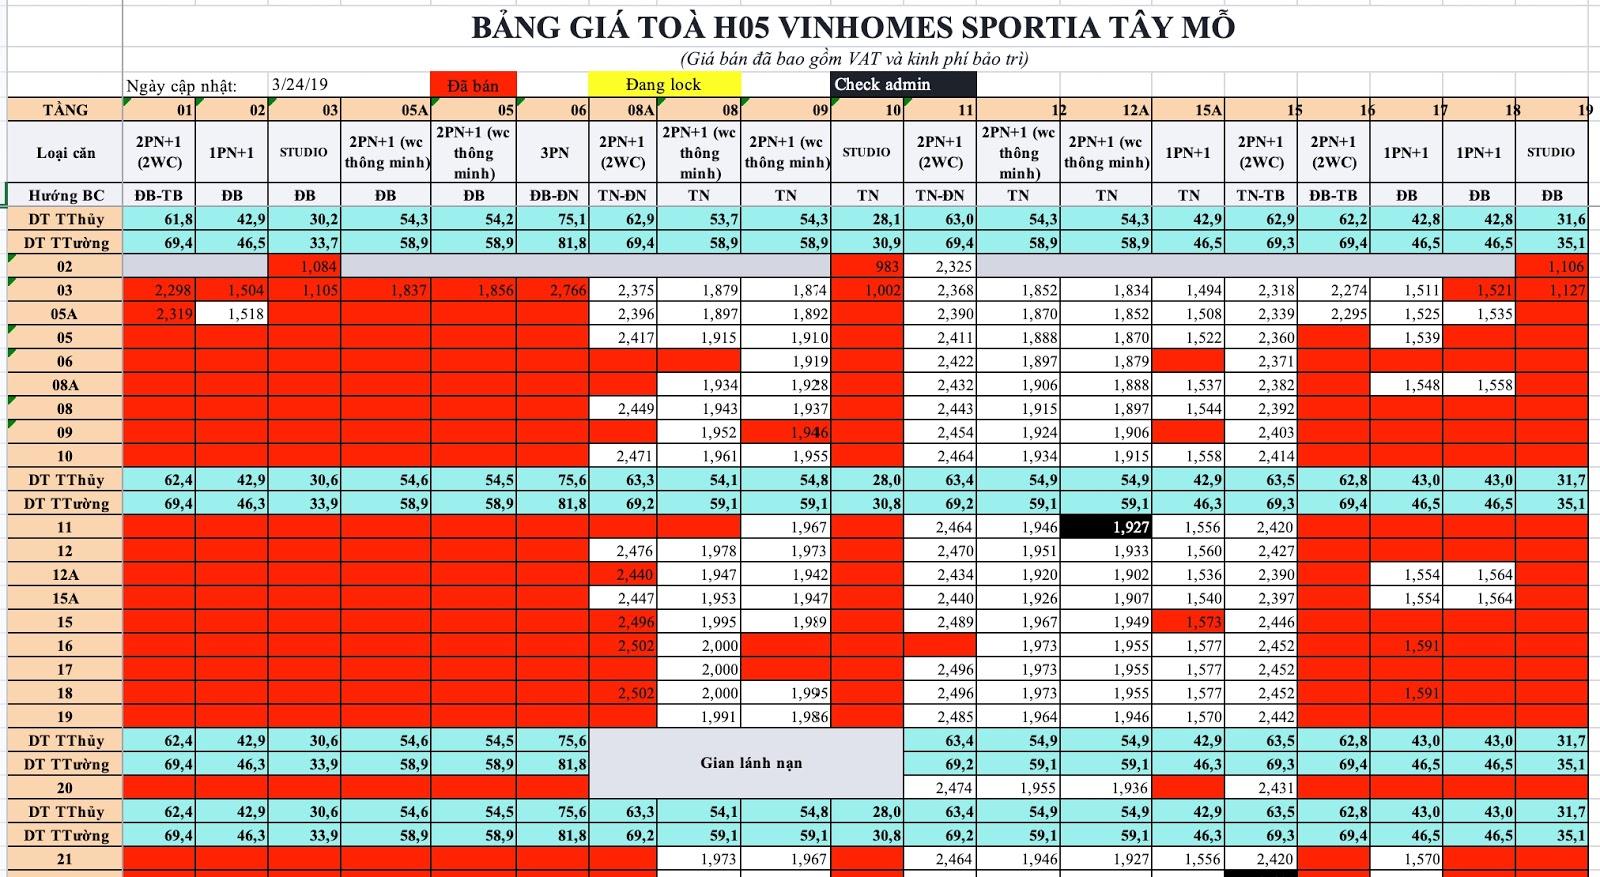 Bảng giá toà H05 Vinhomes Sportia Đại Mỗ